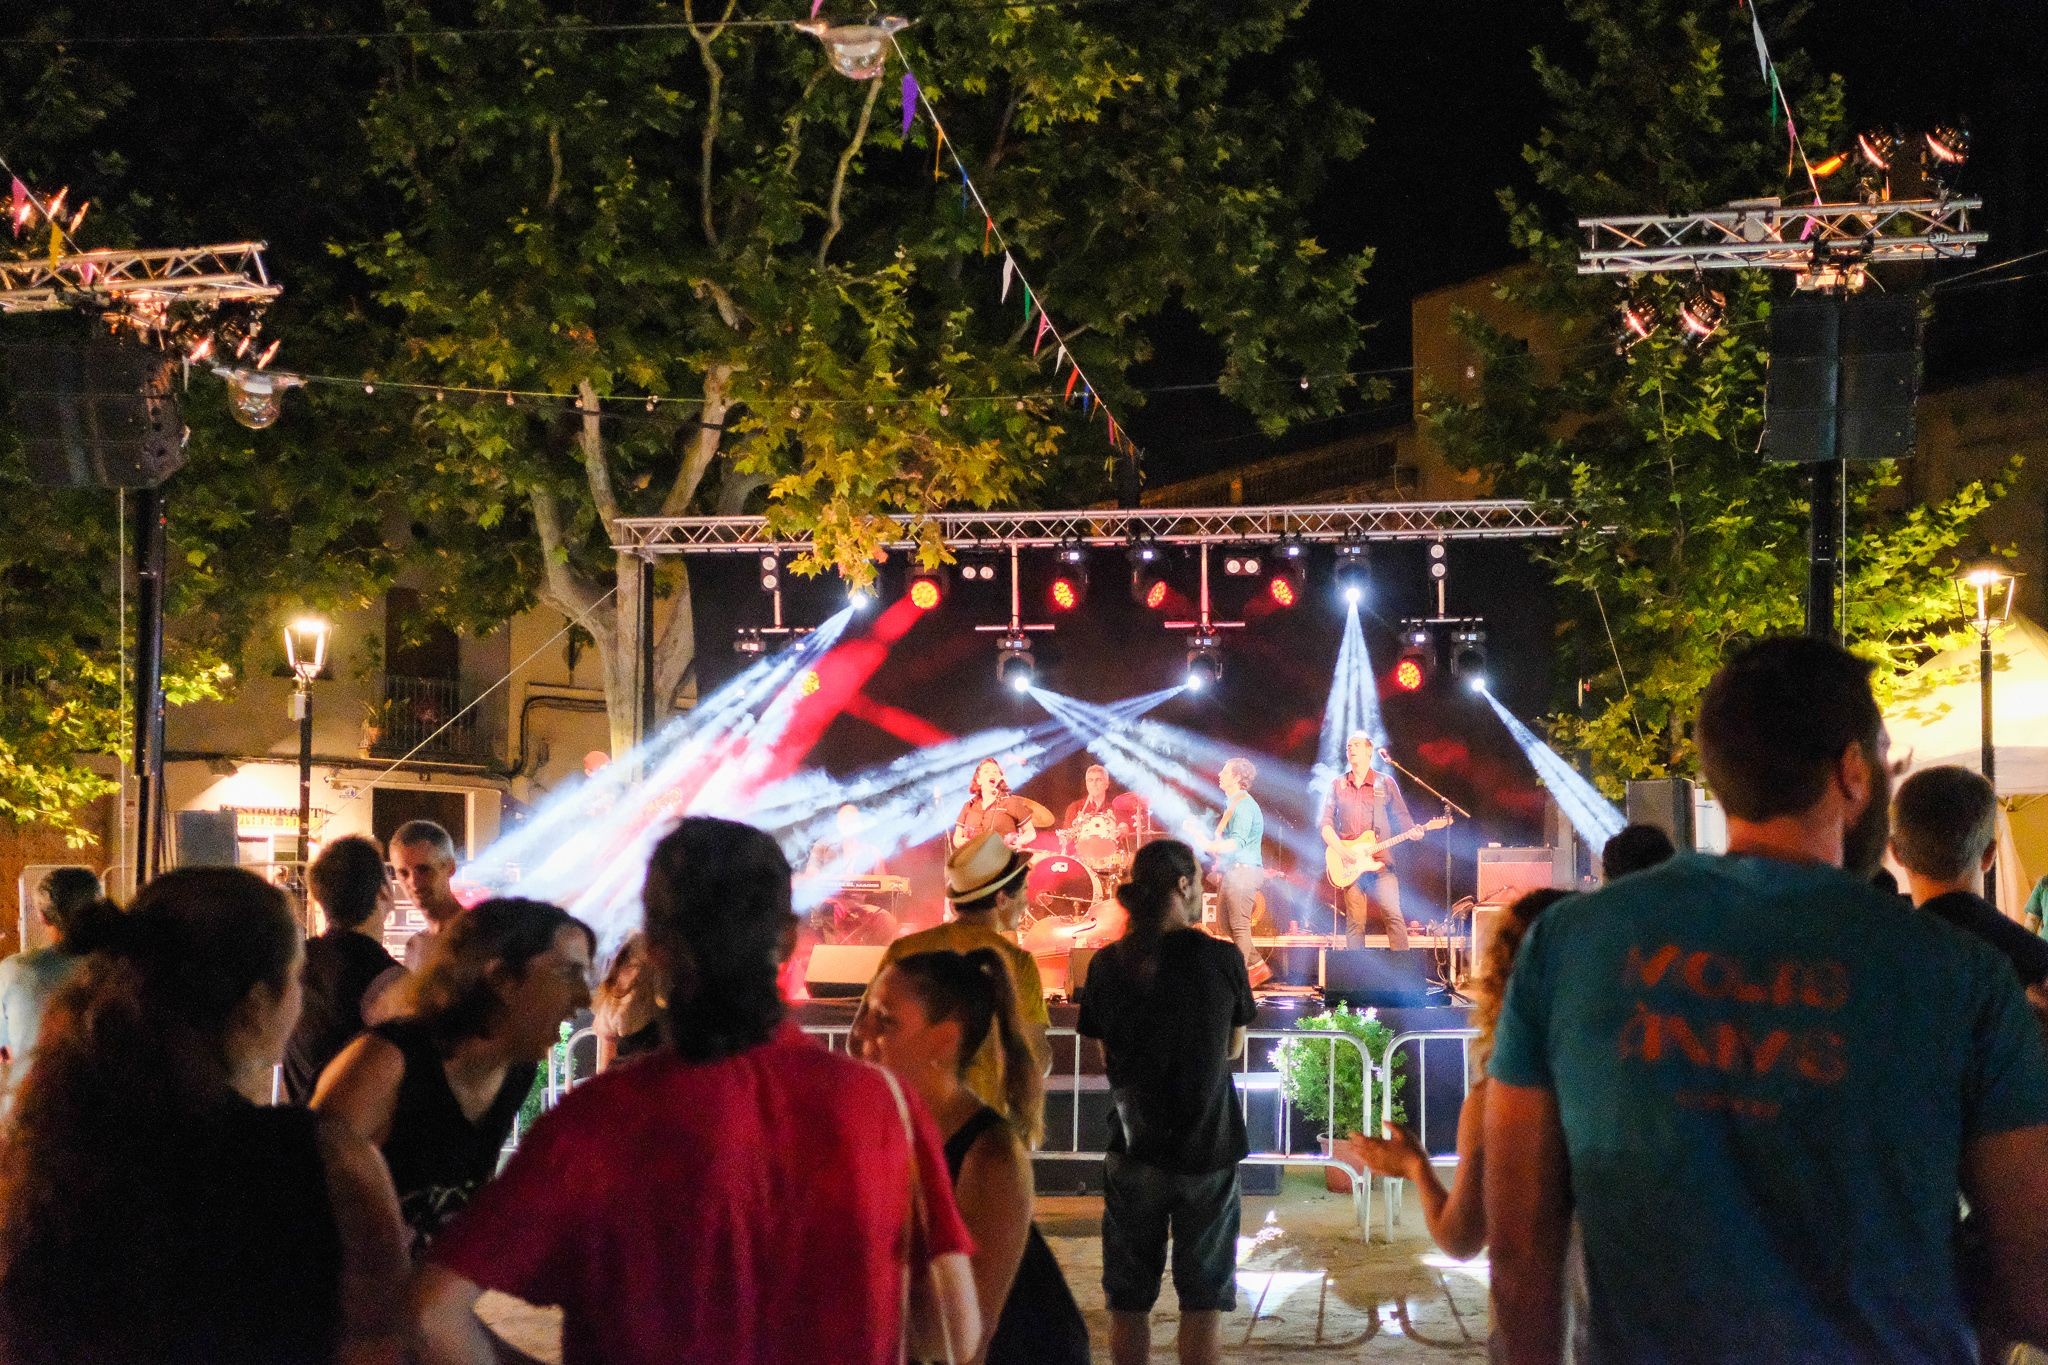 Nit de concert de Flamingo Tours. Foto: Alex Gomez